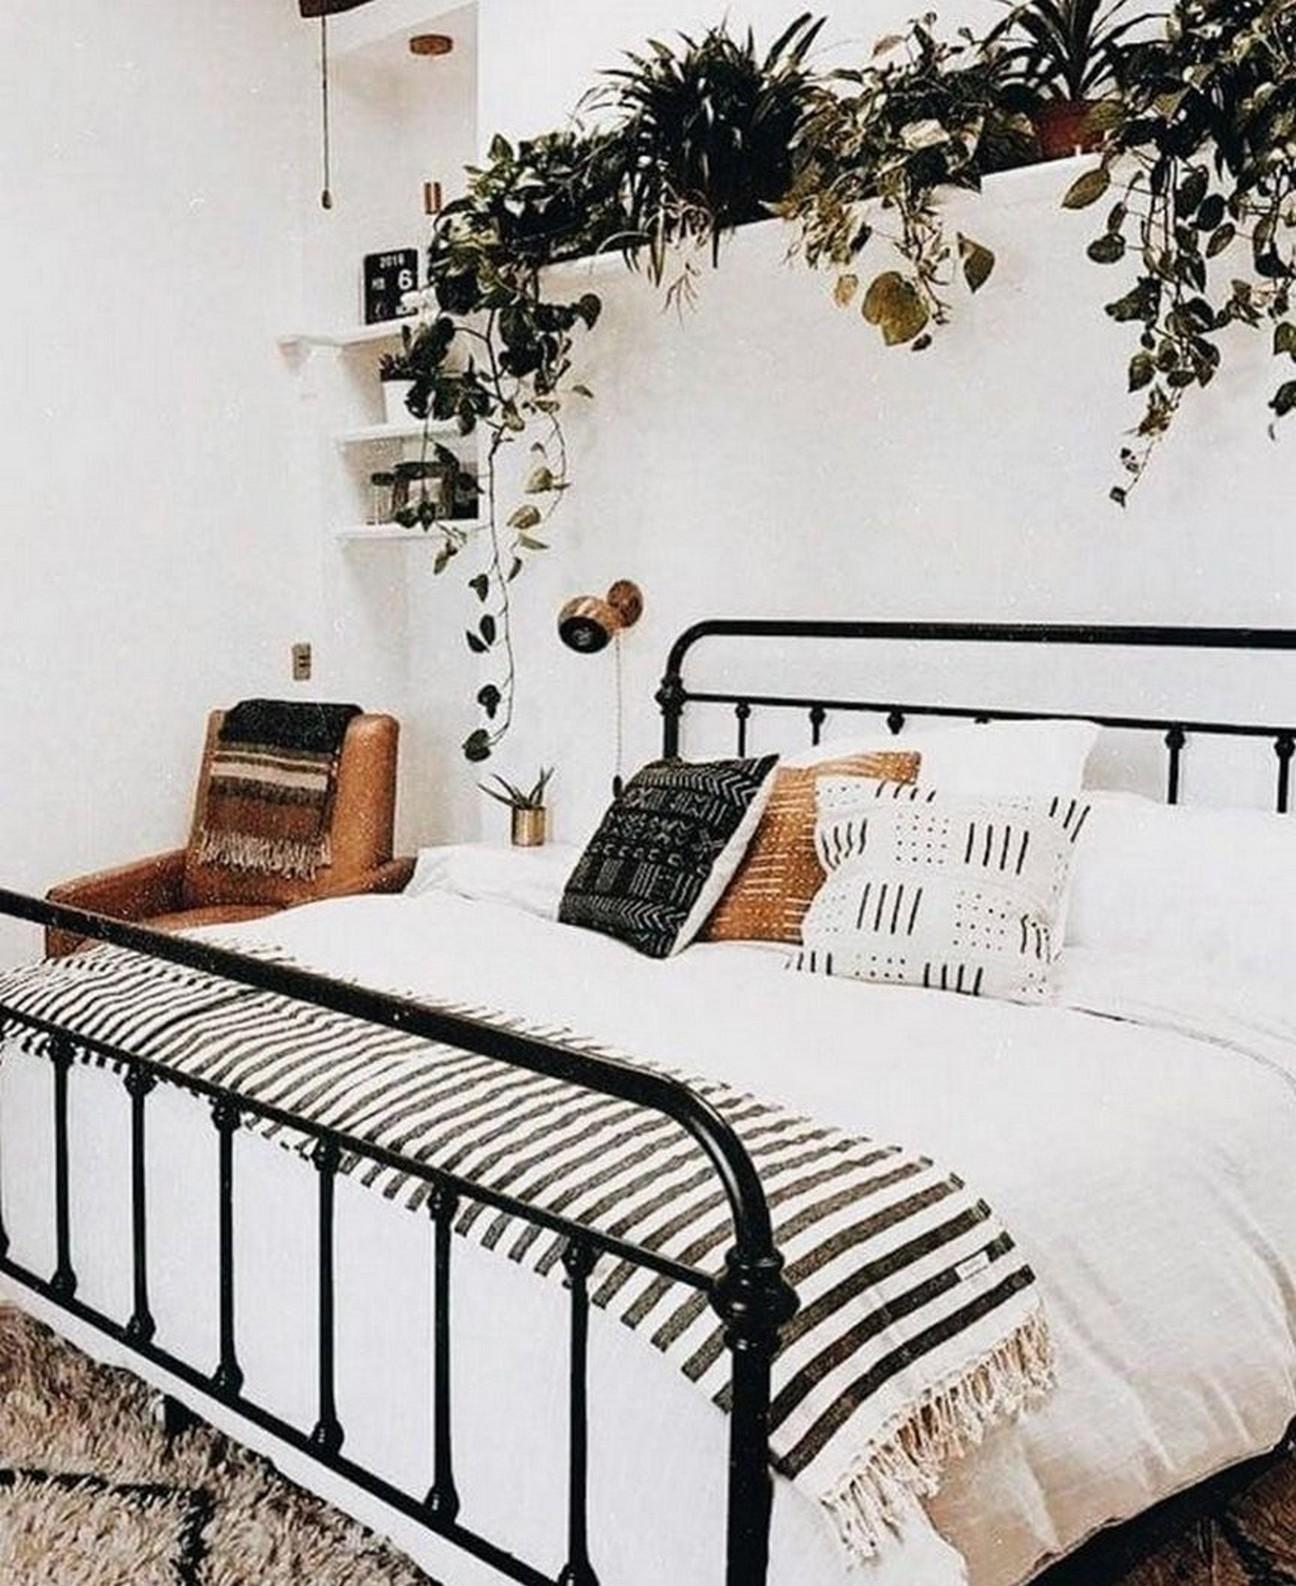 Cama de ferro: 10 ideias para usar a peça na decoração de quartos (Foto: Divulgação)